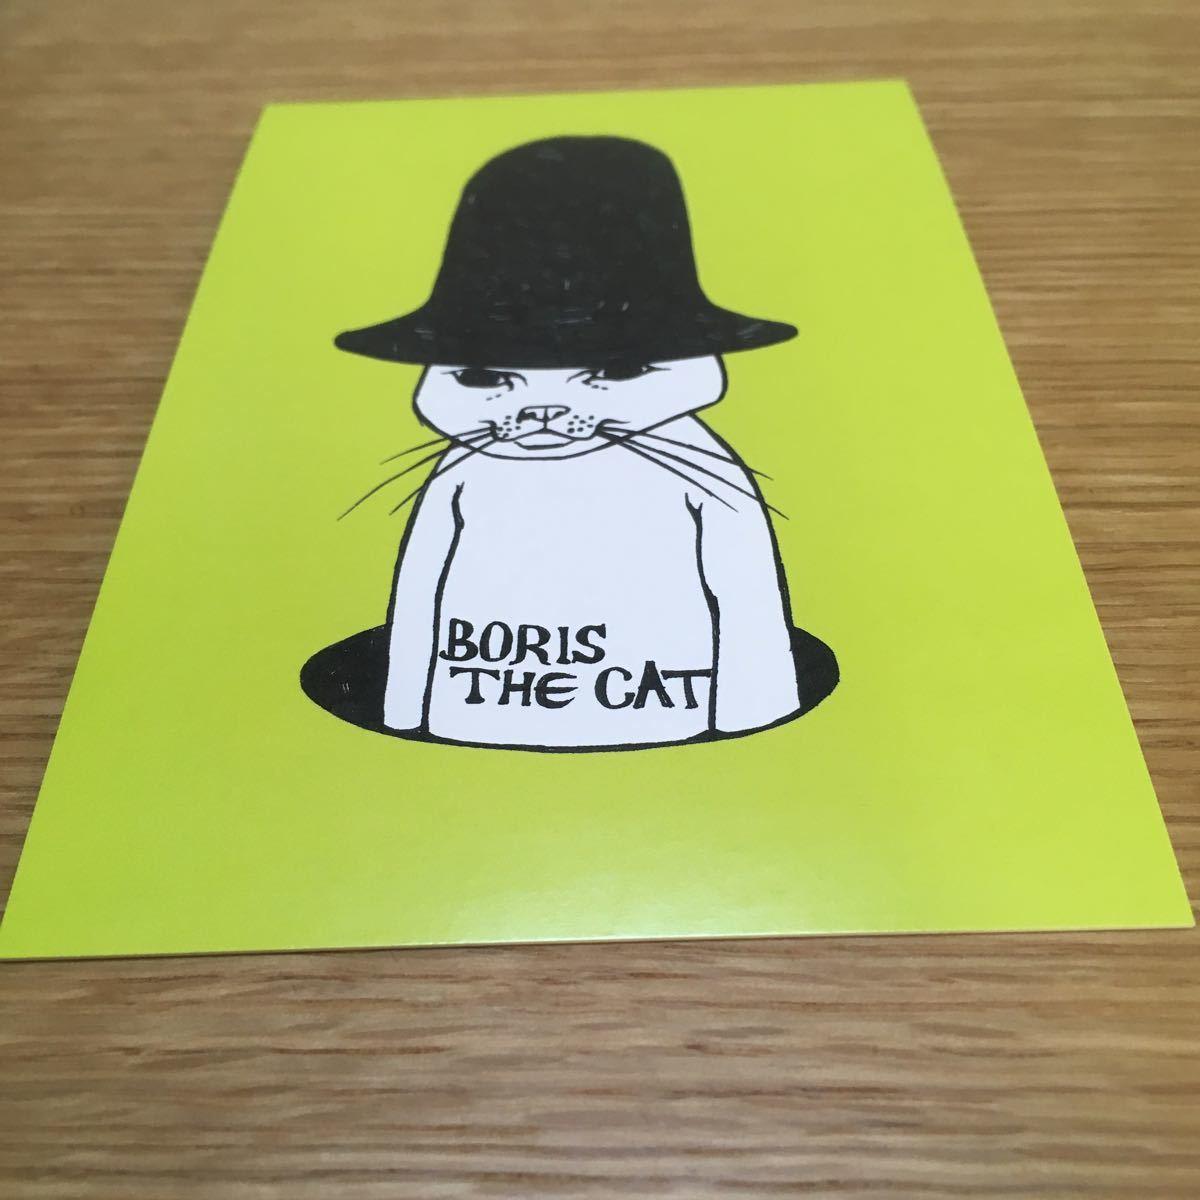 ヒグチユウコ ネコ ポストカード 葉書 ハガキ はがき メッセージカード 猫 ねこ 動物 穴 82_画像1